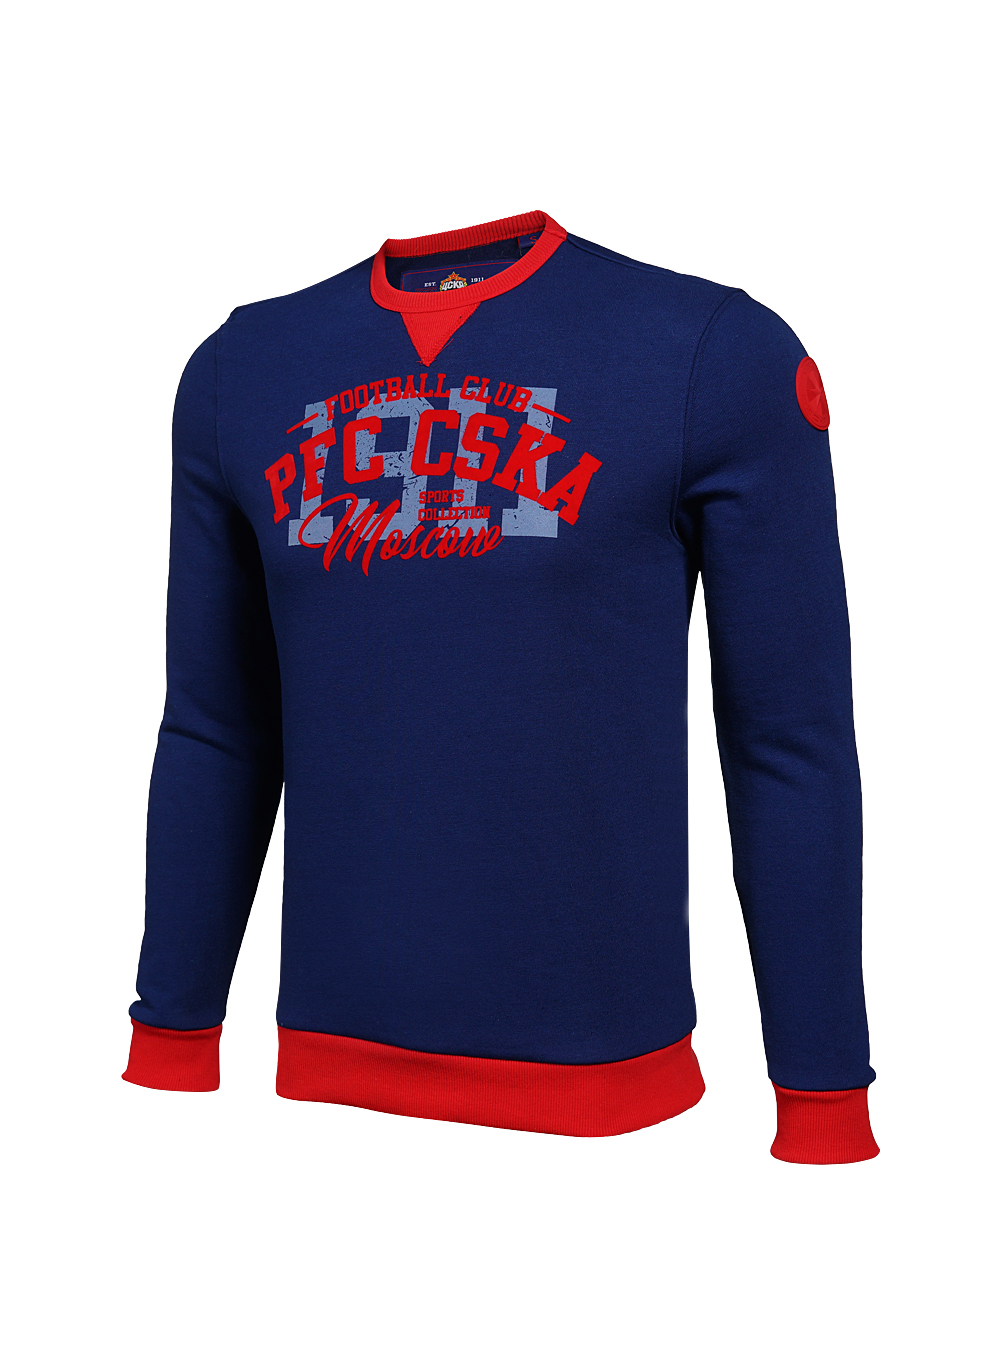 Купить Свитшот мужской PFC CSKA, цвет синий (M) по Нижнему Новгороду